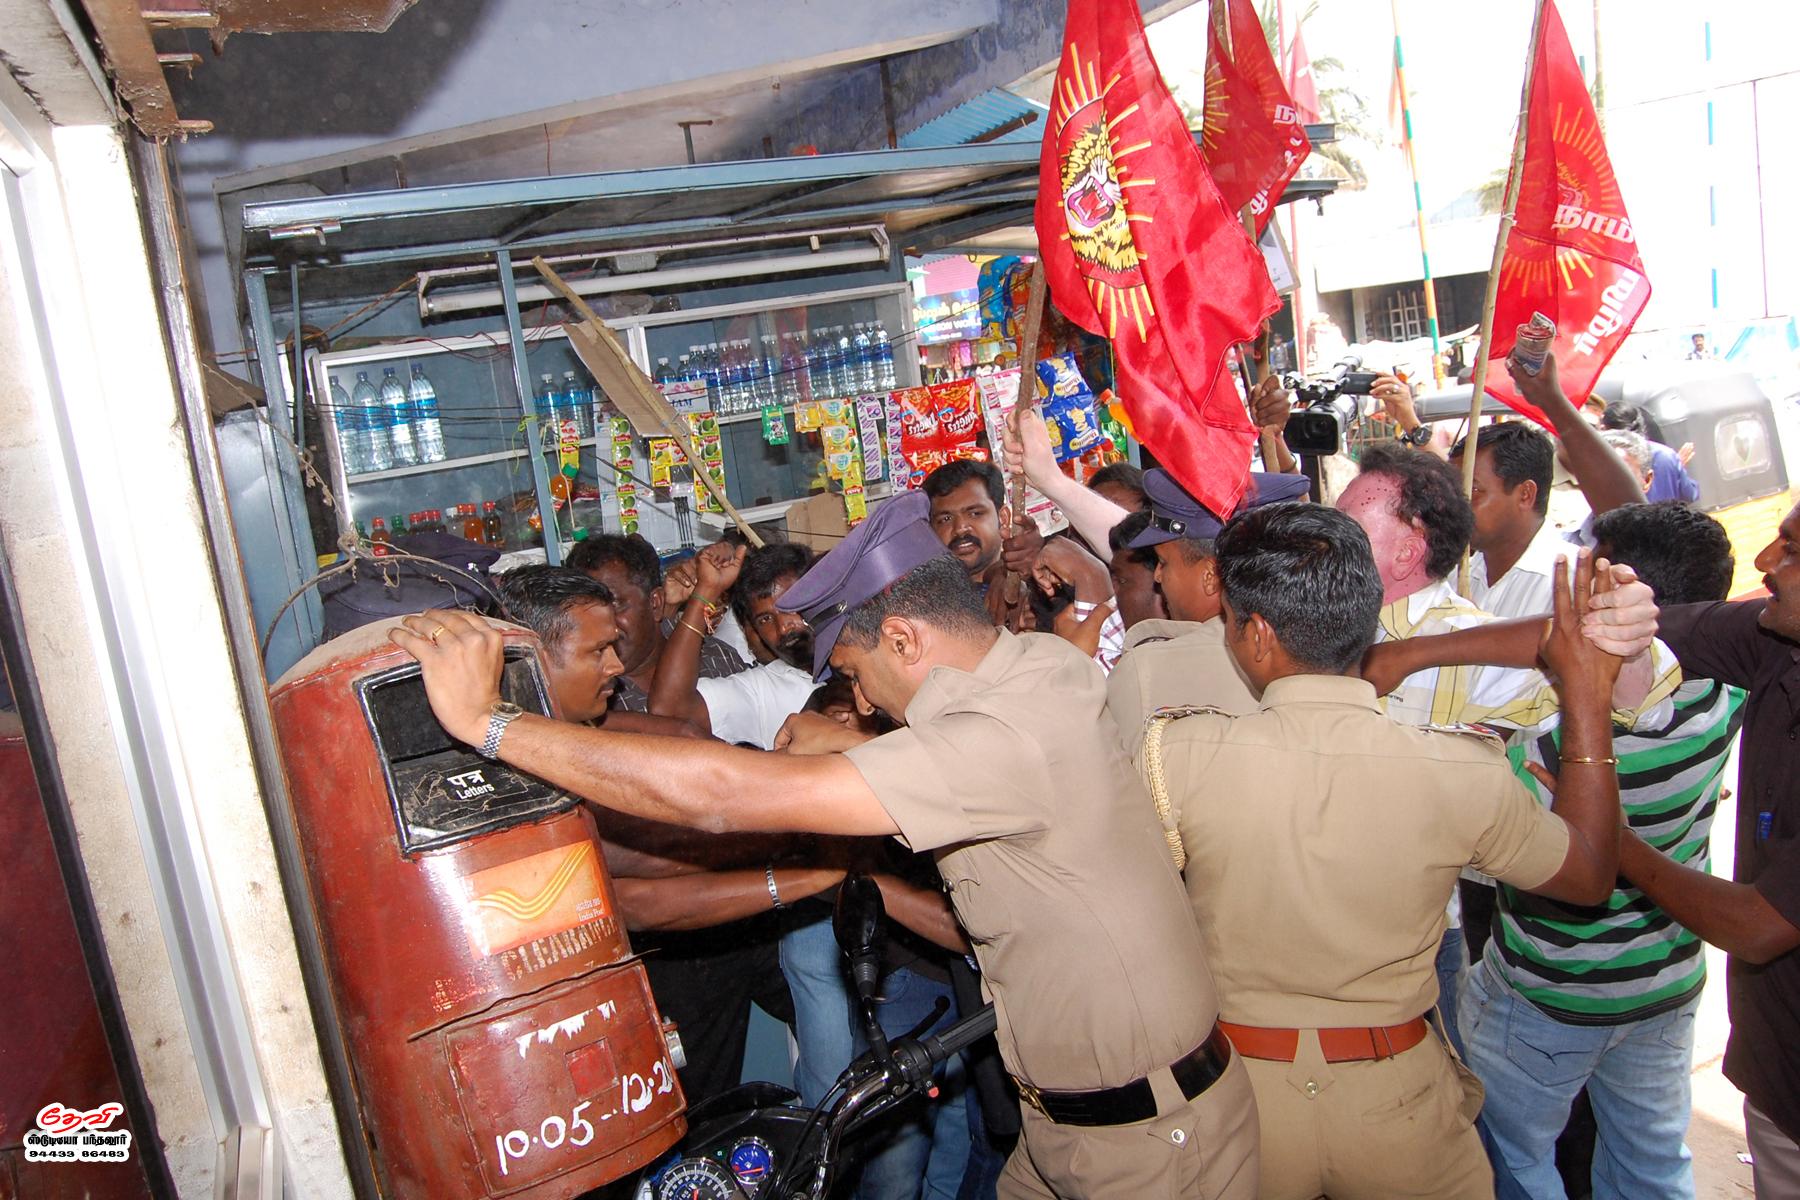 முற்றுகை: நாம் தமிழர் கட்சியினர் 32 பேர் கைது DSC 2525